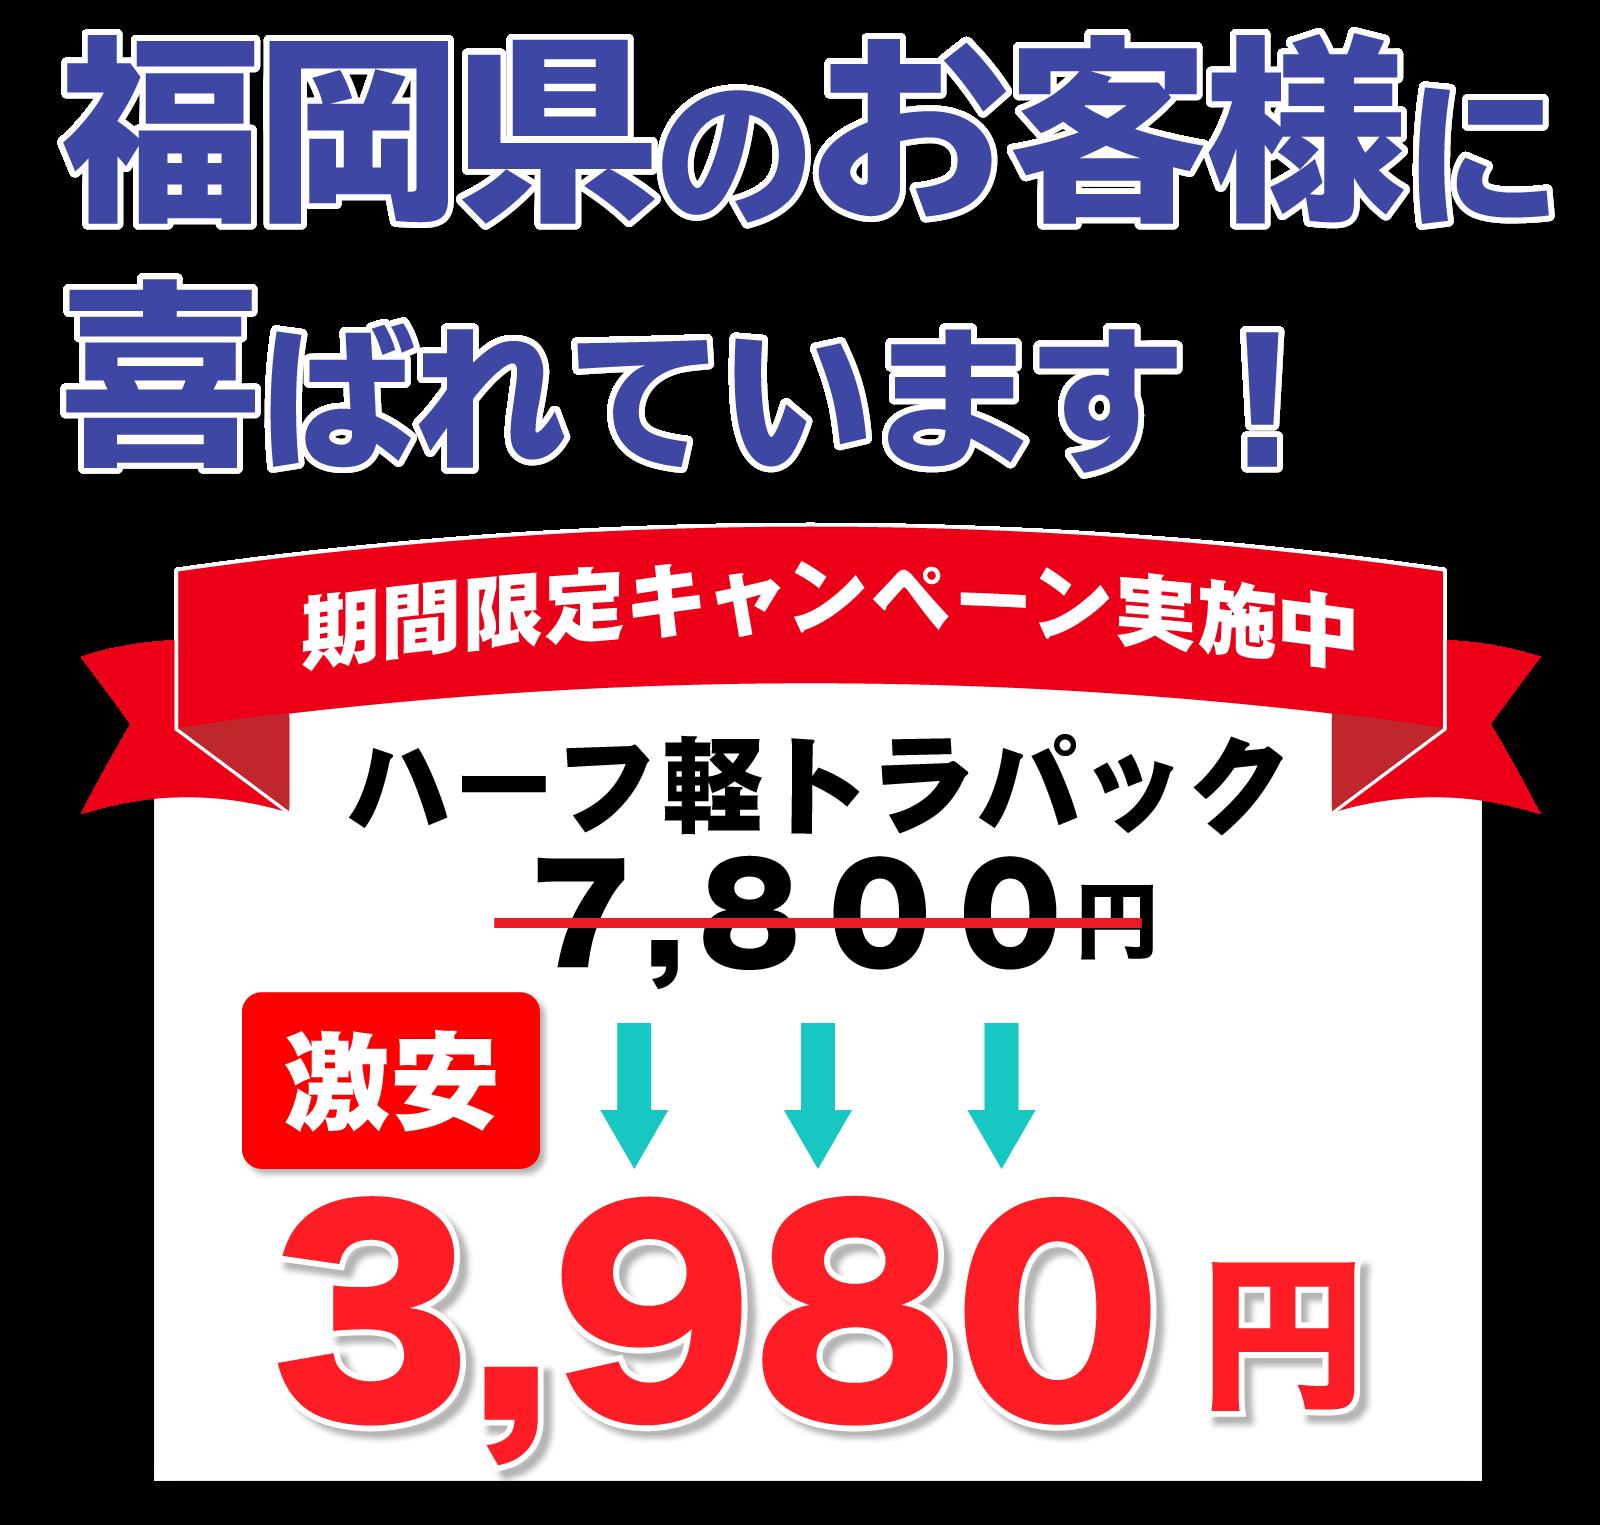 福岡県那珂川市の不用品回収はエコワークスにお任せ下さい。お片付けや引越しや大型ごみなどの不用品を激安で回収してます。ハーフ軽トラパック安心パックキャンペーン